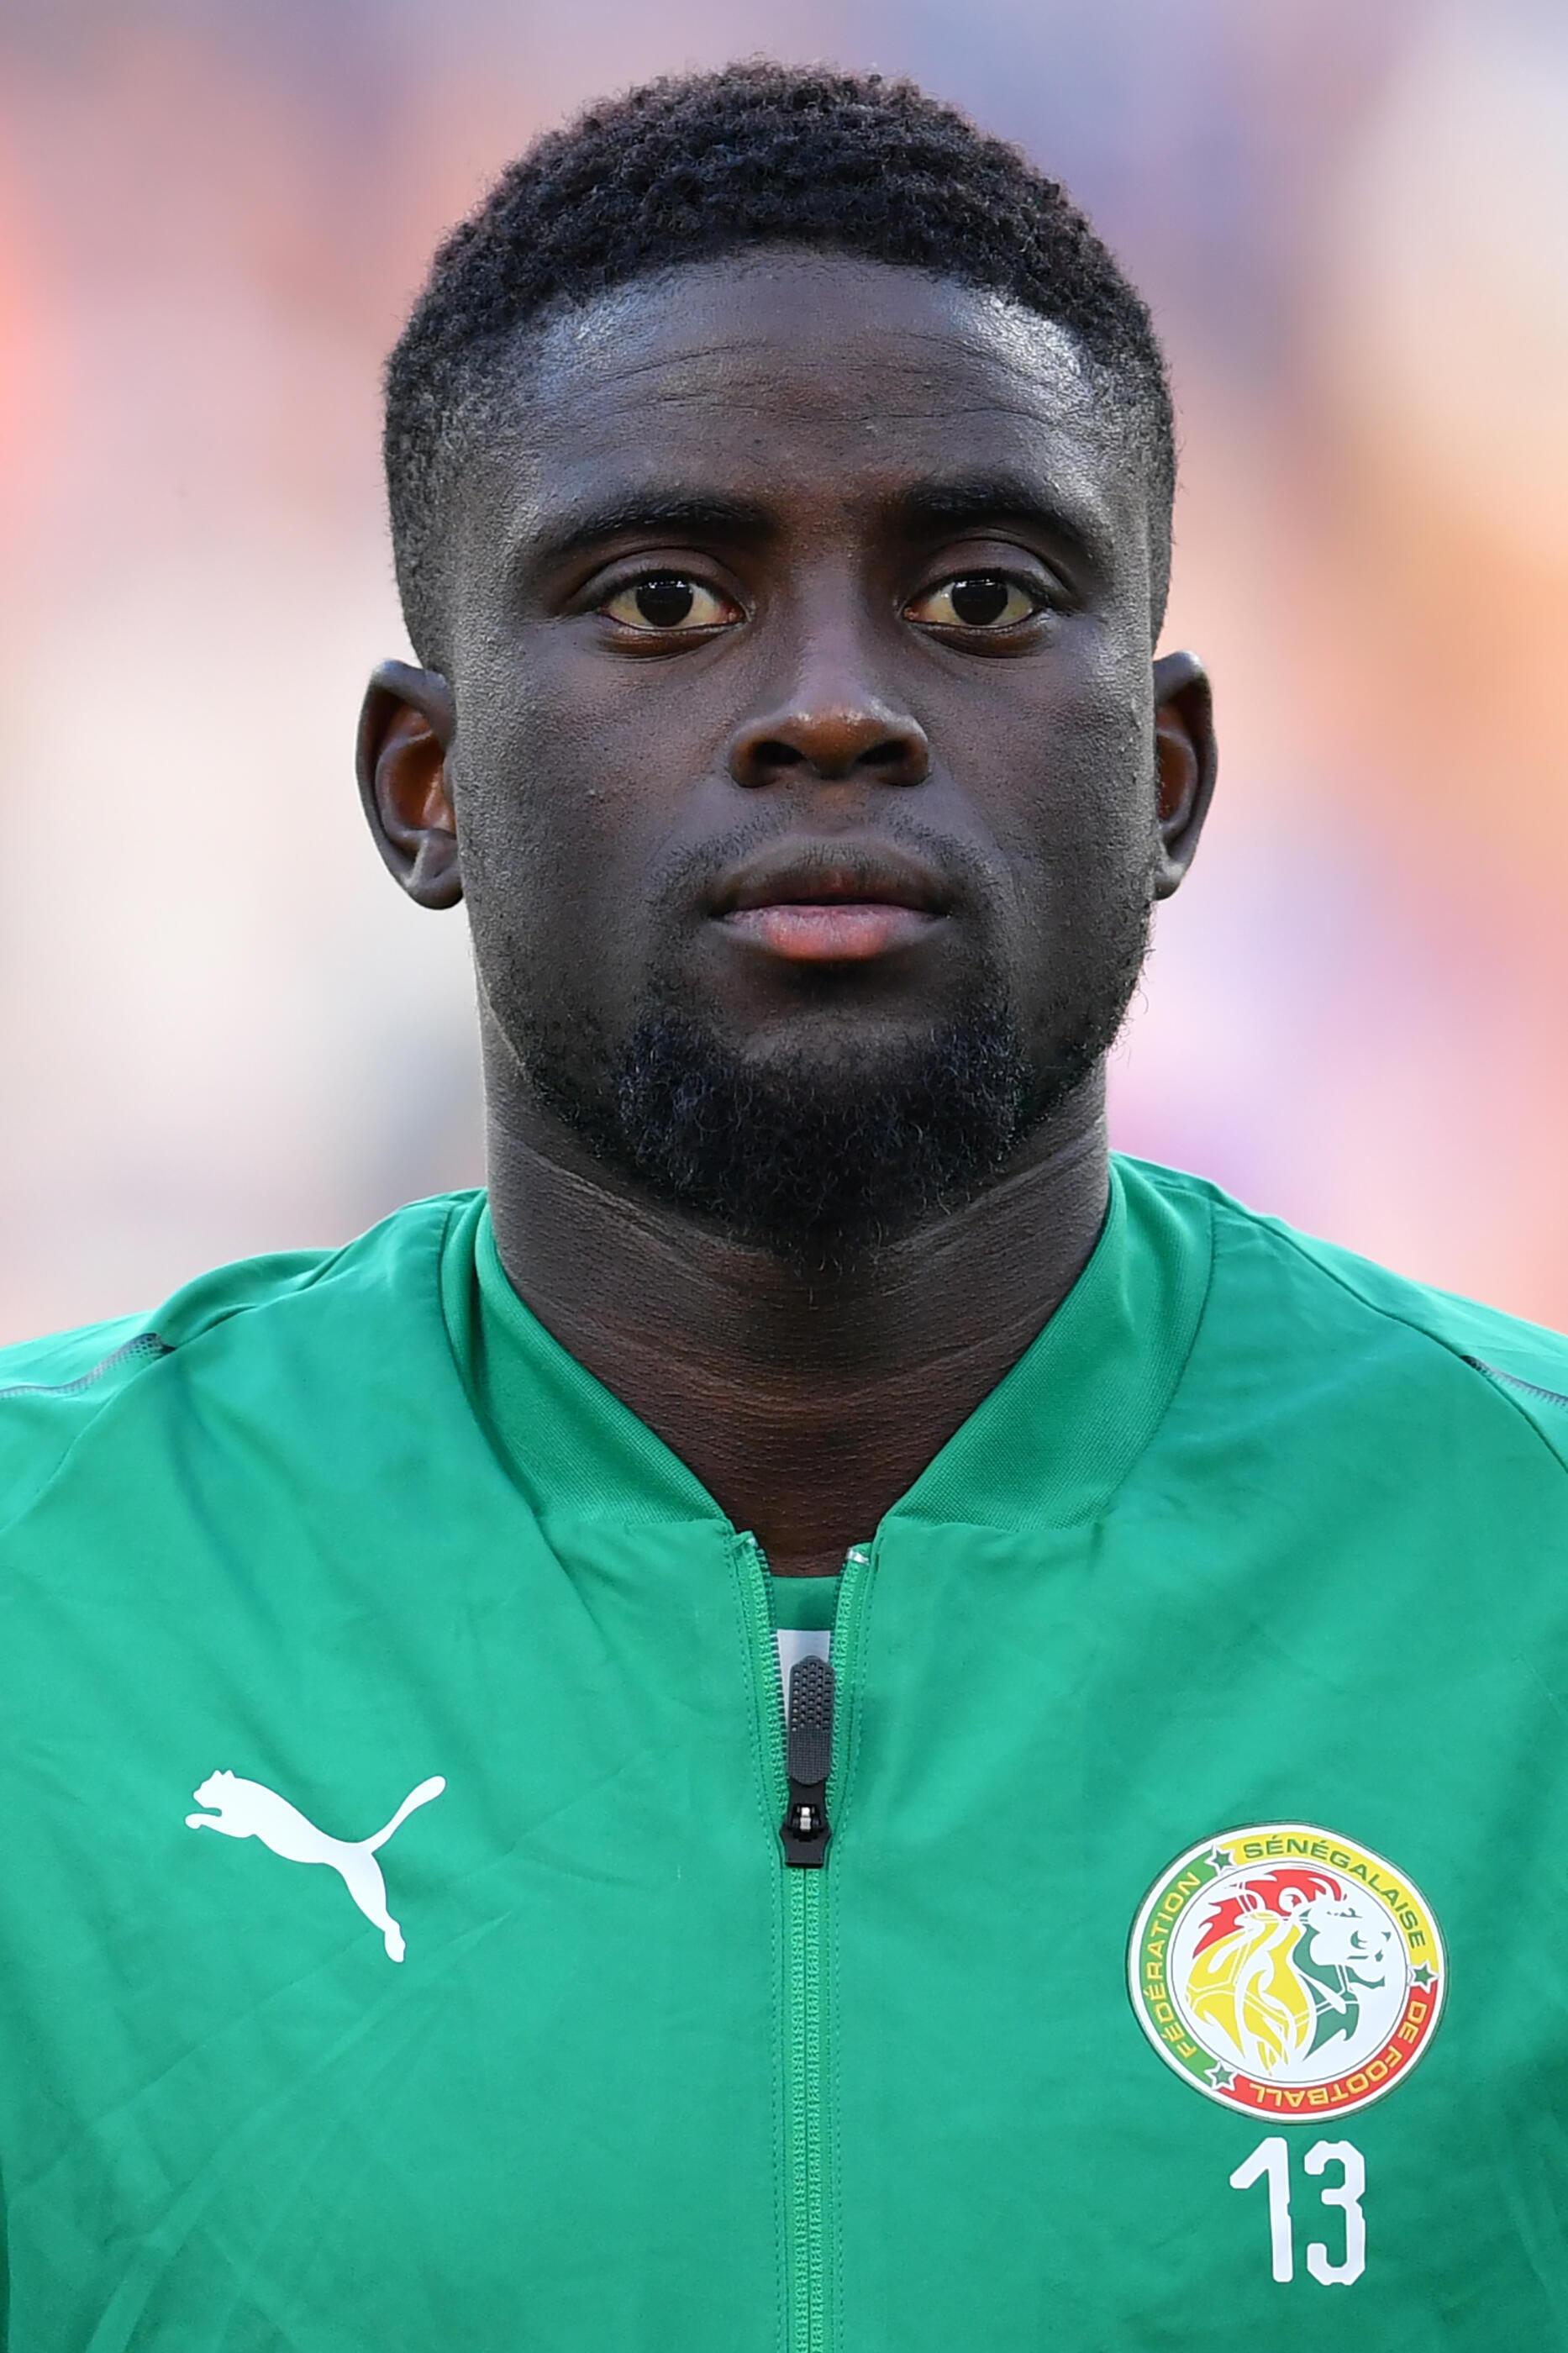 Le Sénégalais Alfred Ndiaye avant d'affronter le Japon, en Coupe du monde 2018.